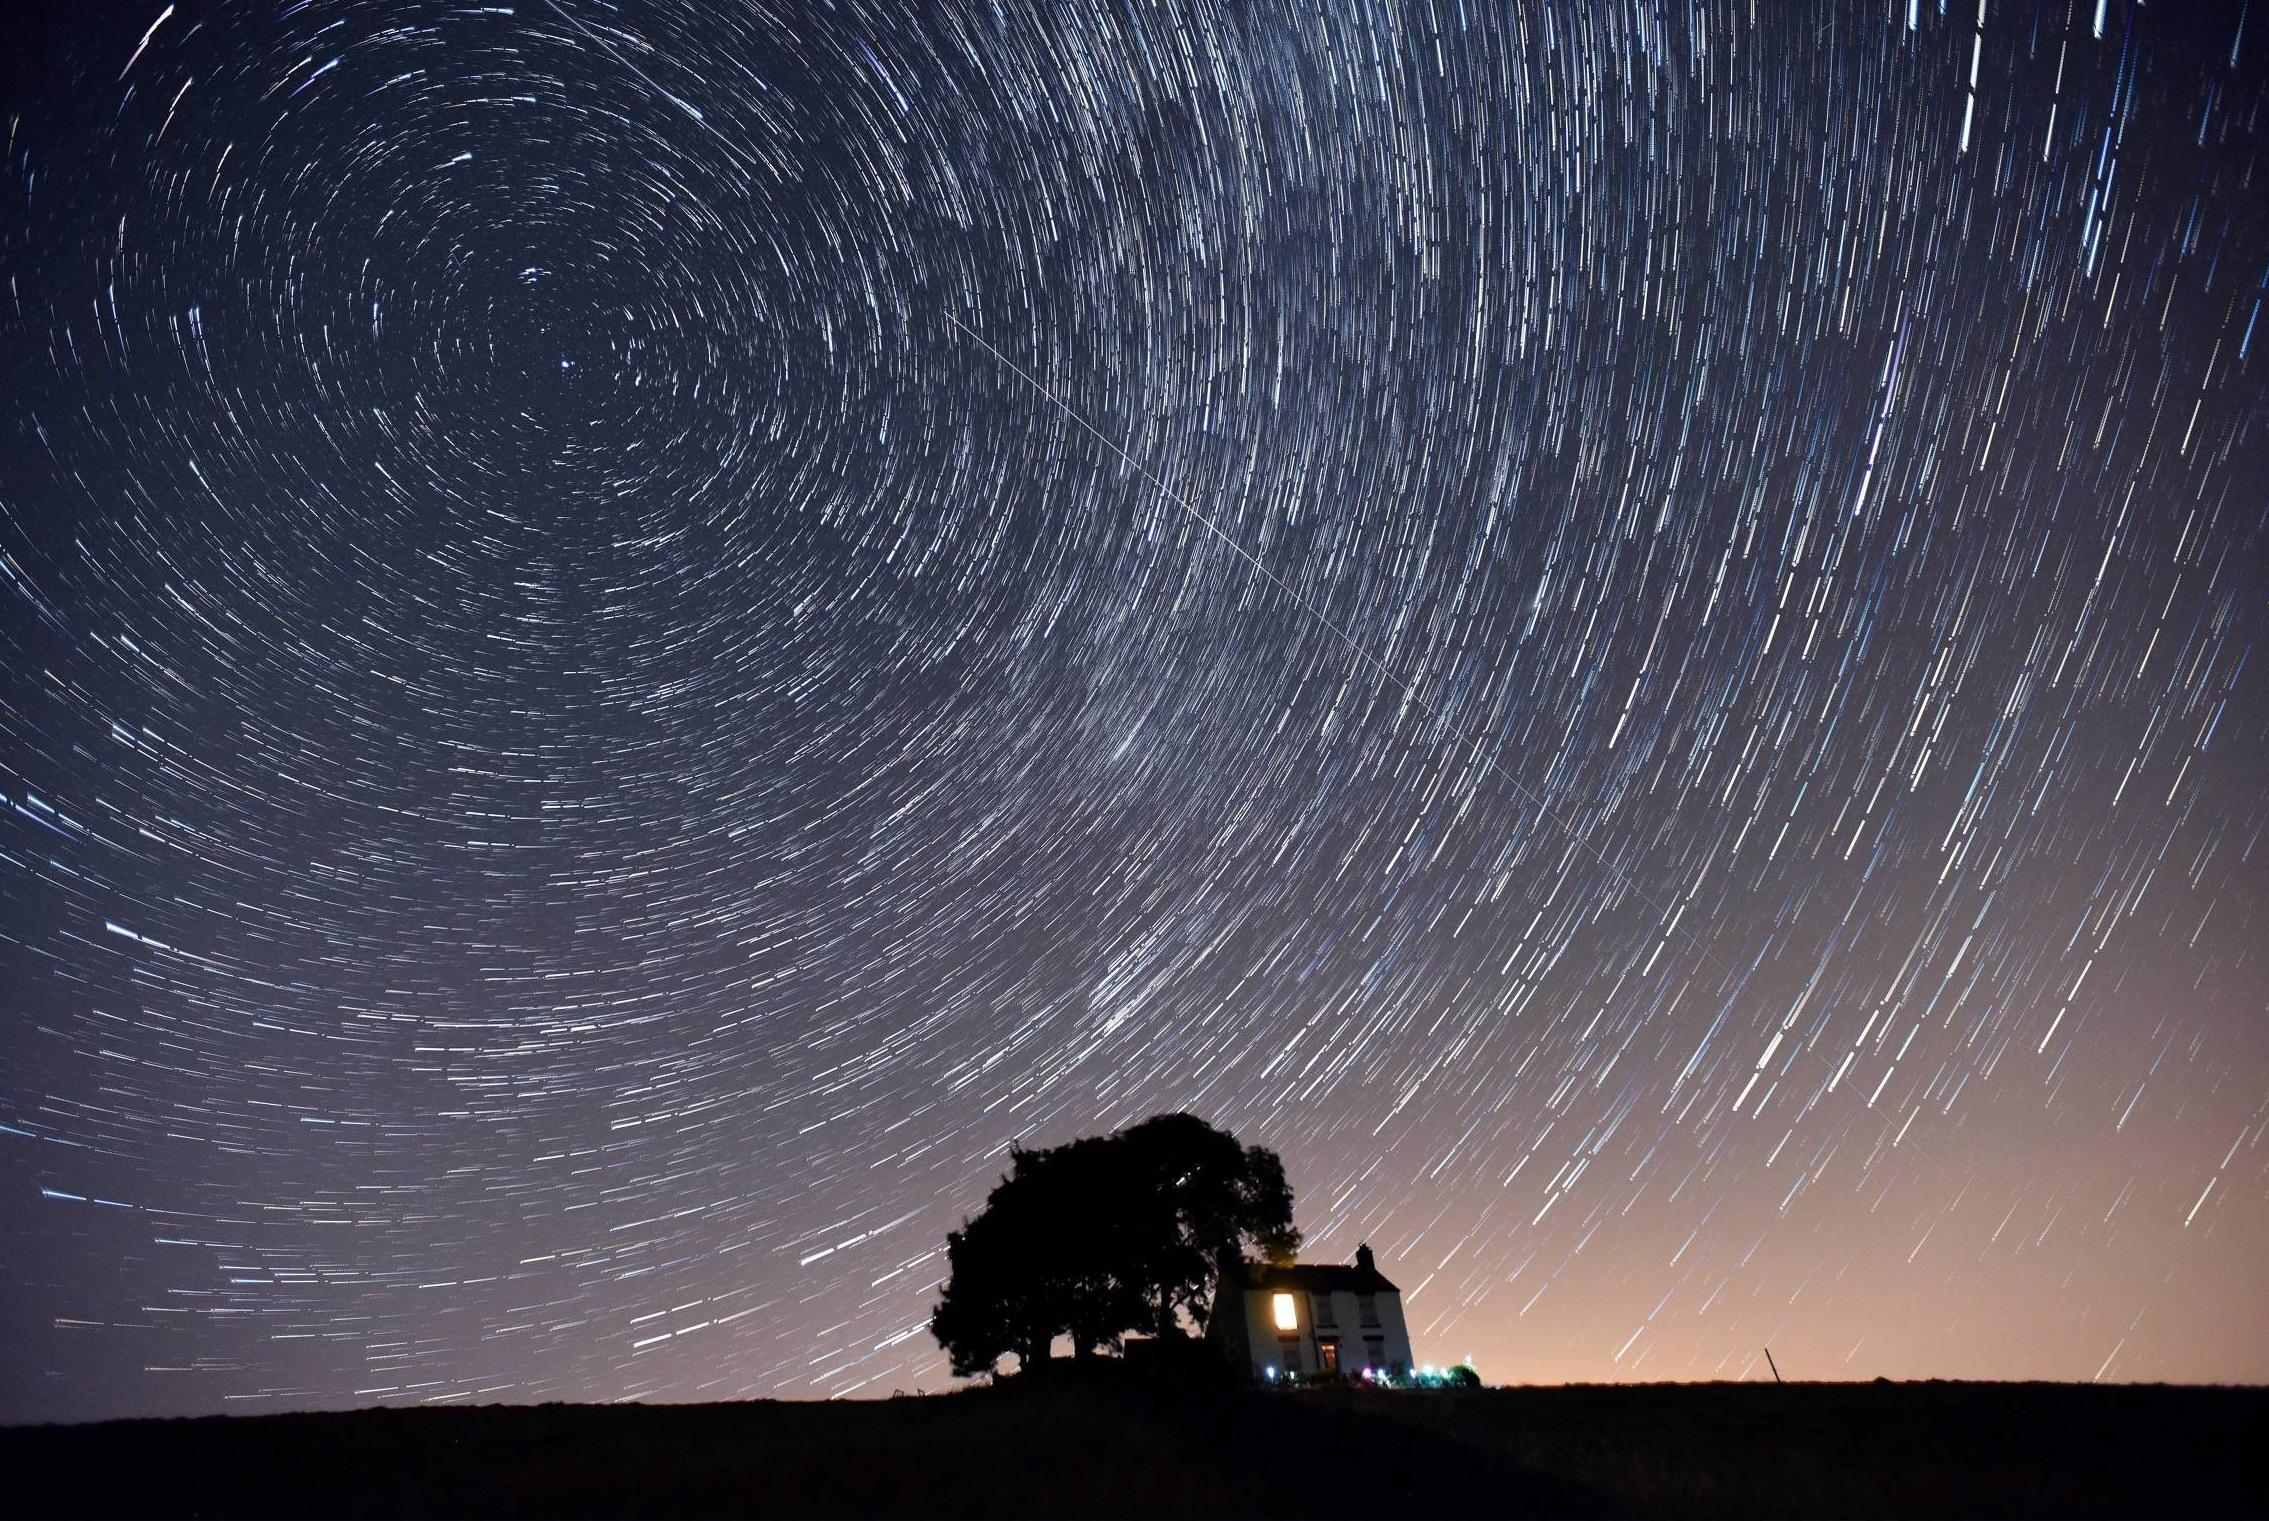 housestarswirl.jpg